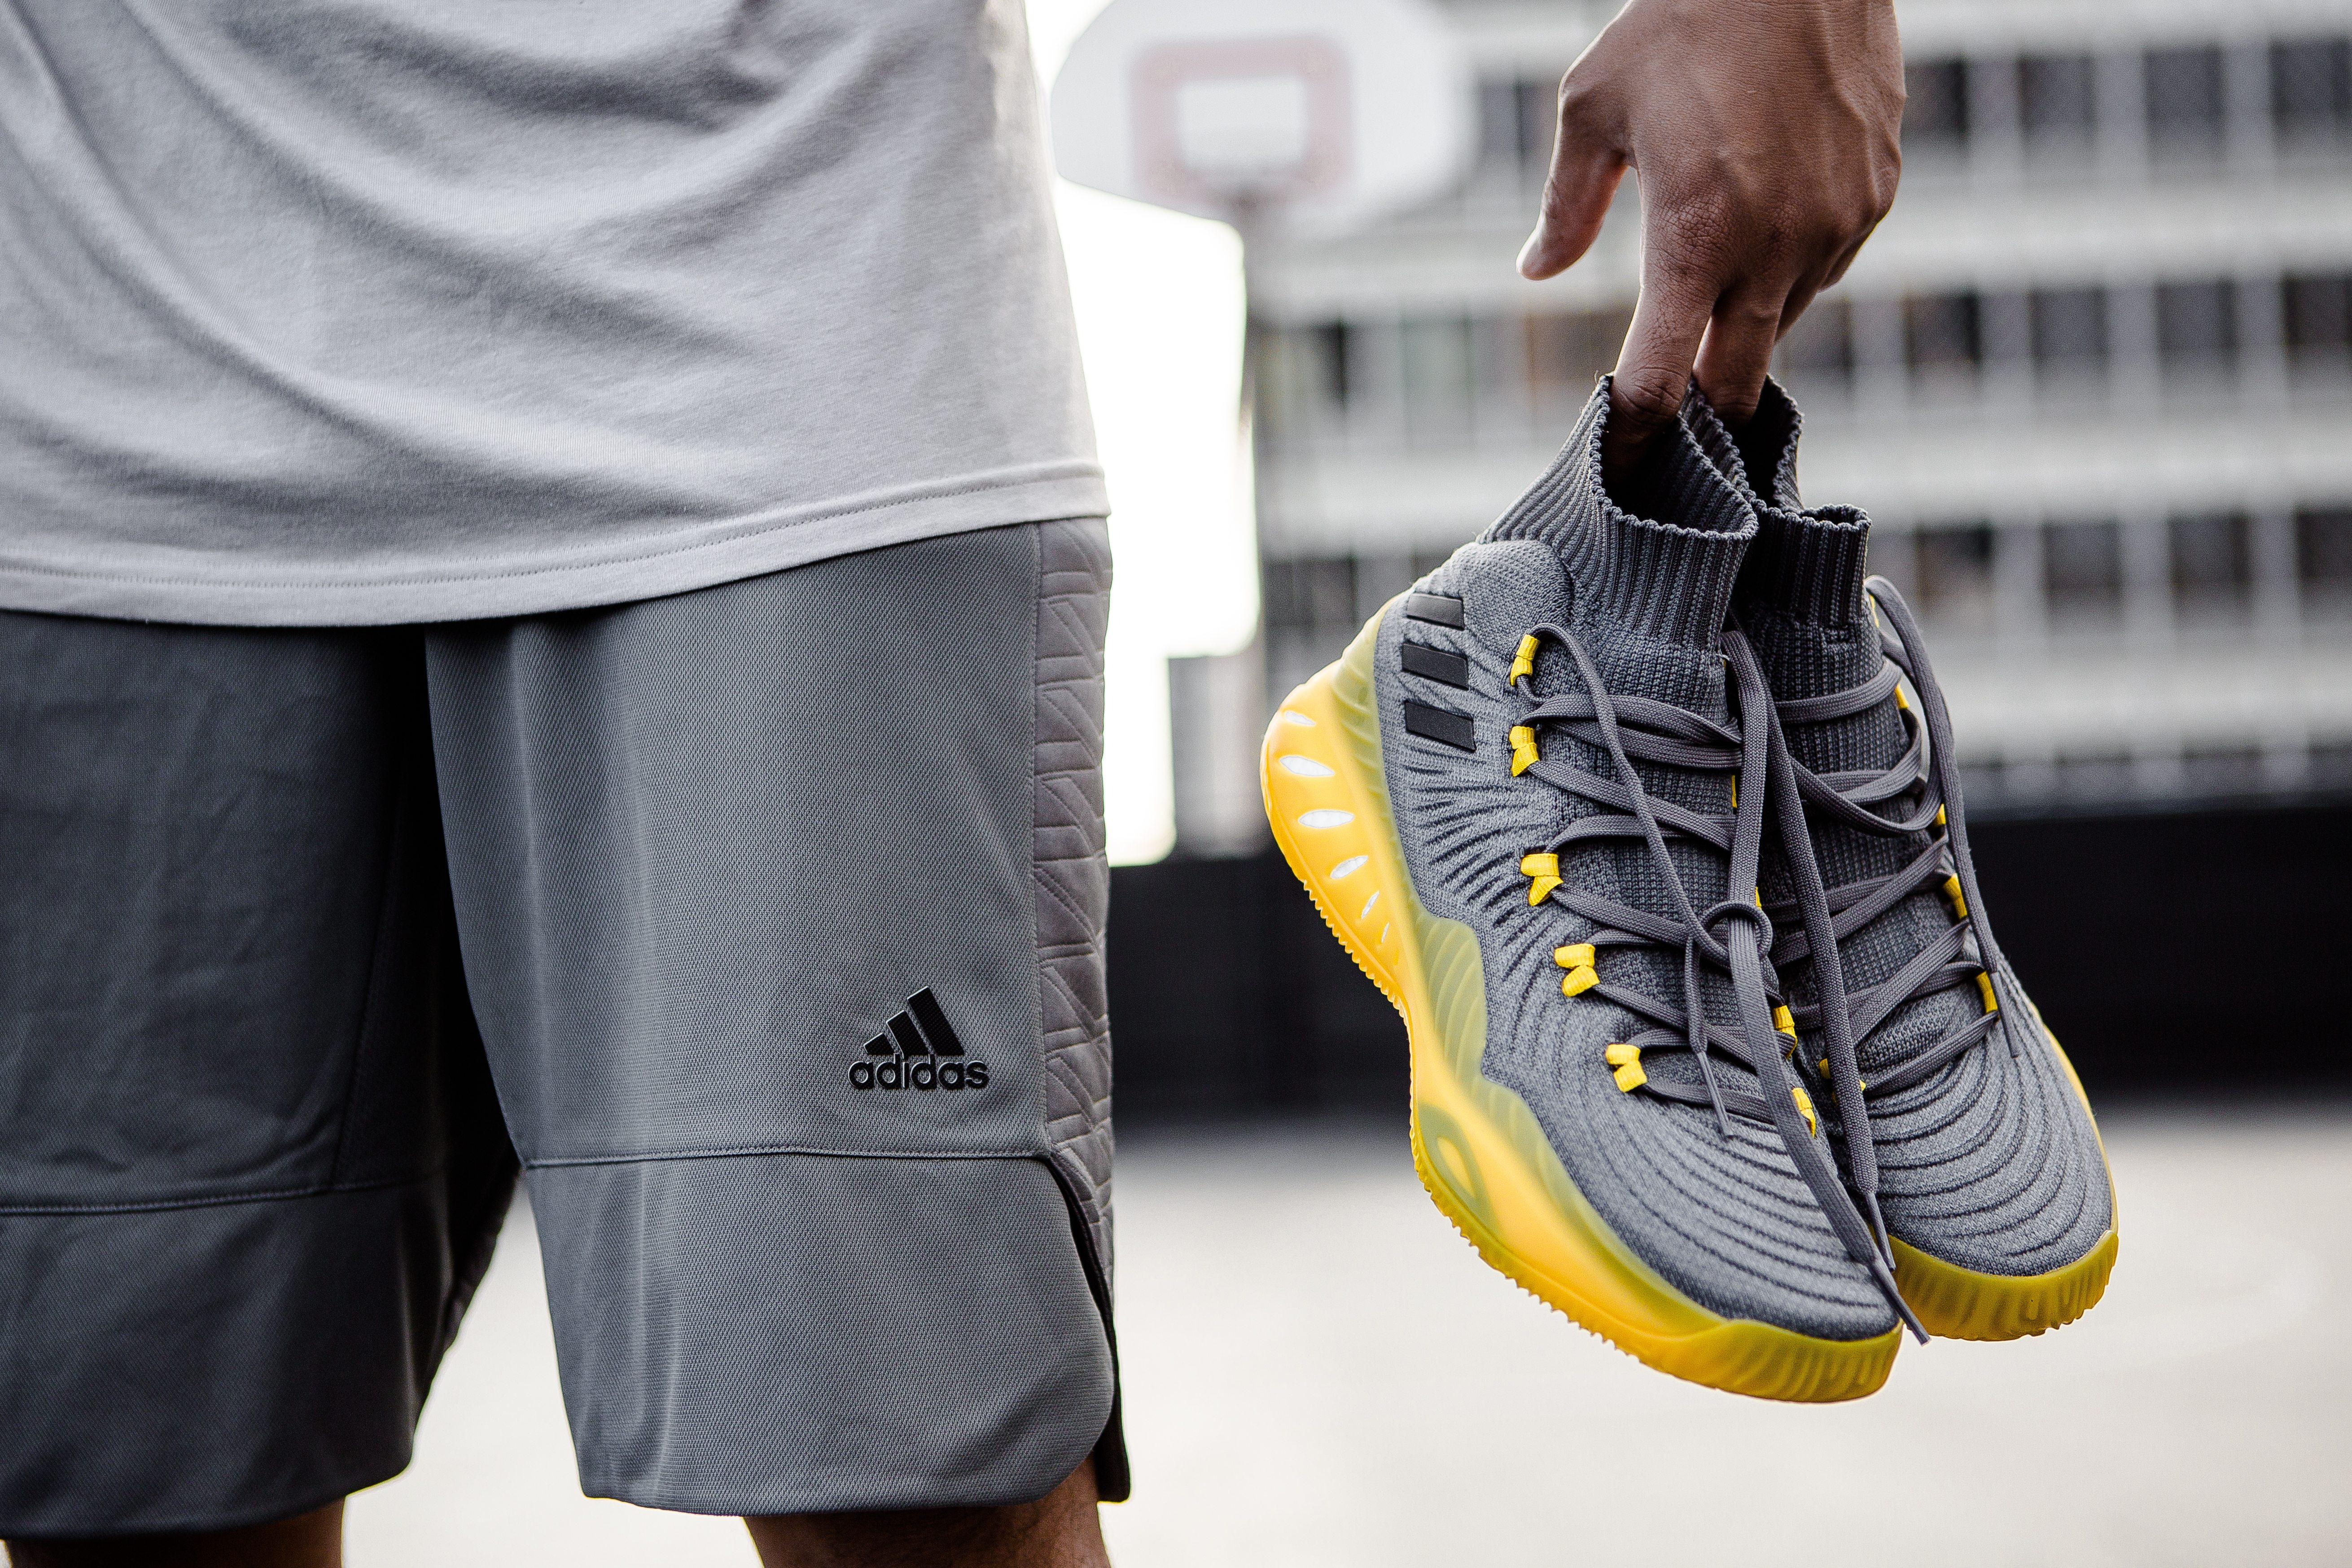 adidas Crazy Explosive 17